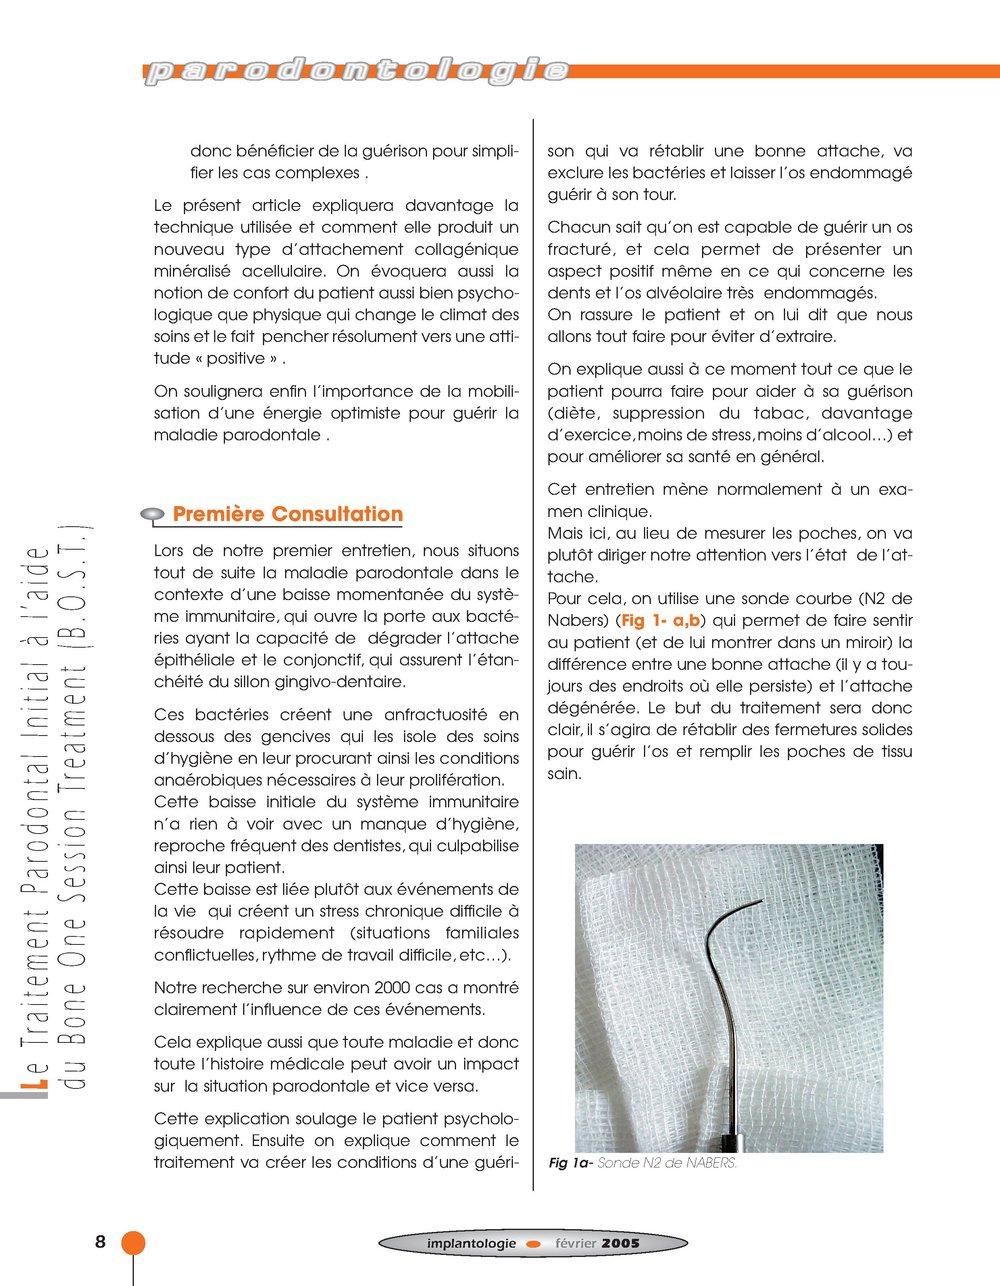 Implantologie BOST Article 14 BLZ-2.jpg